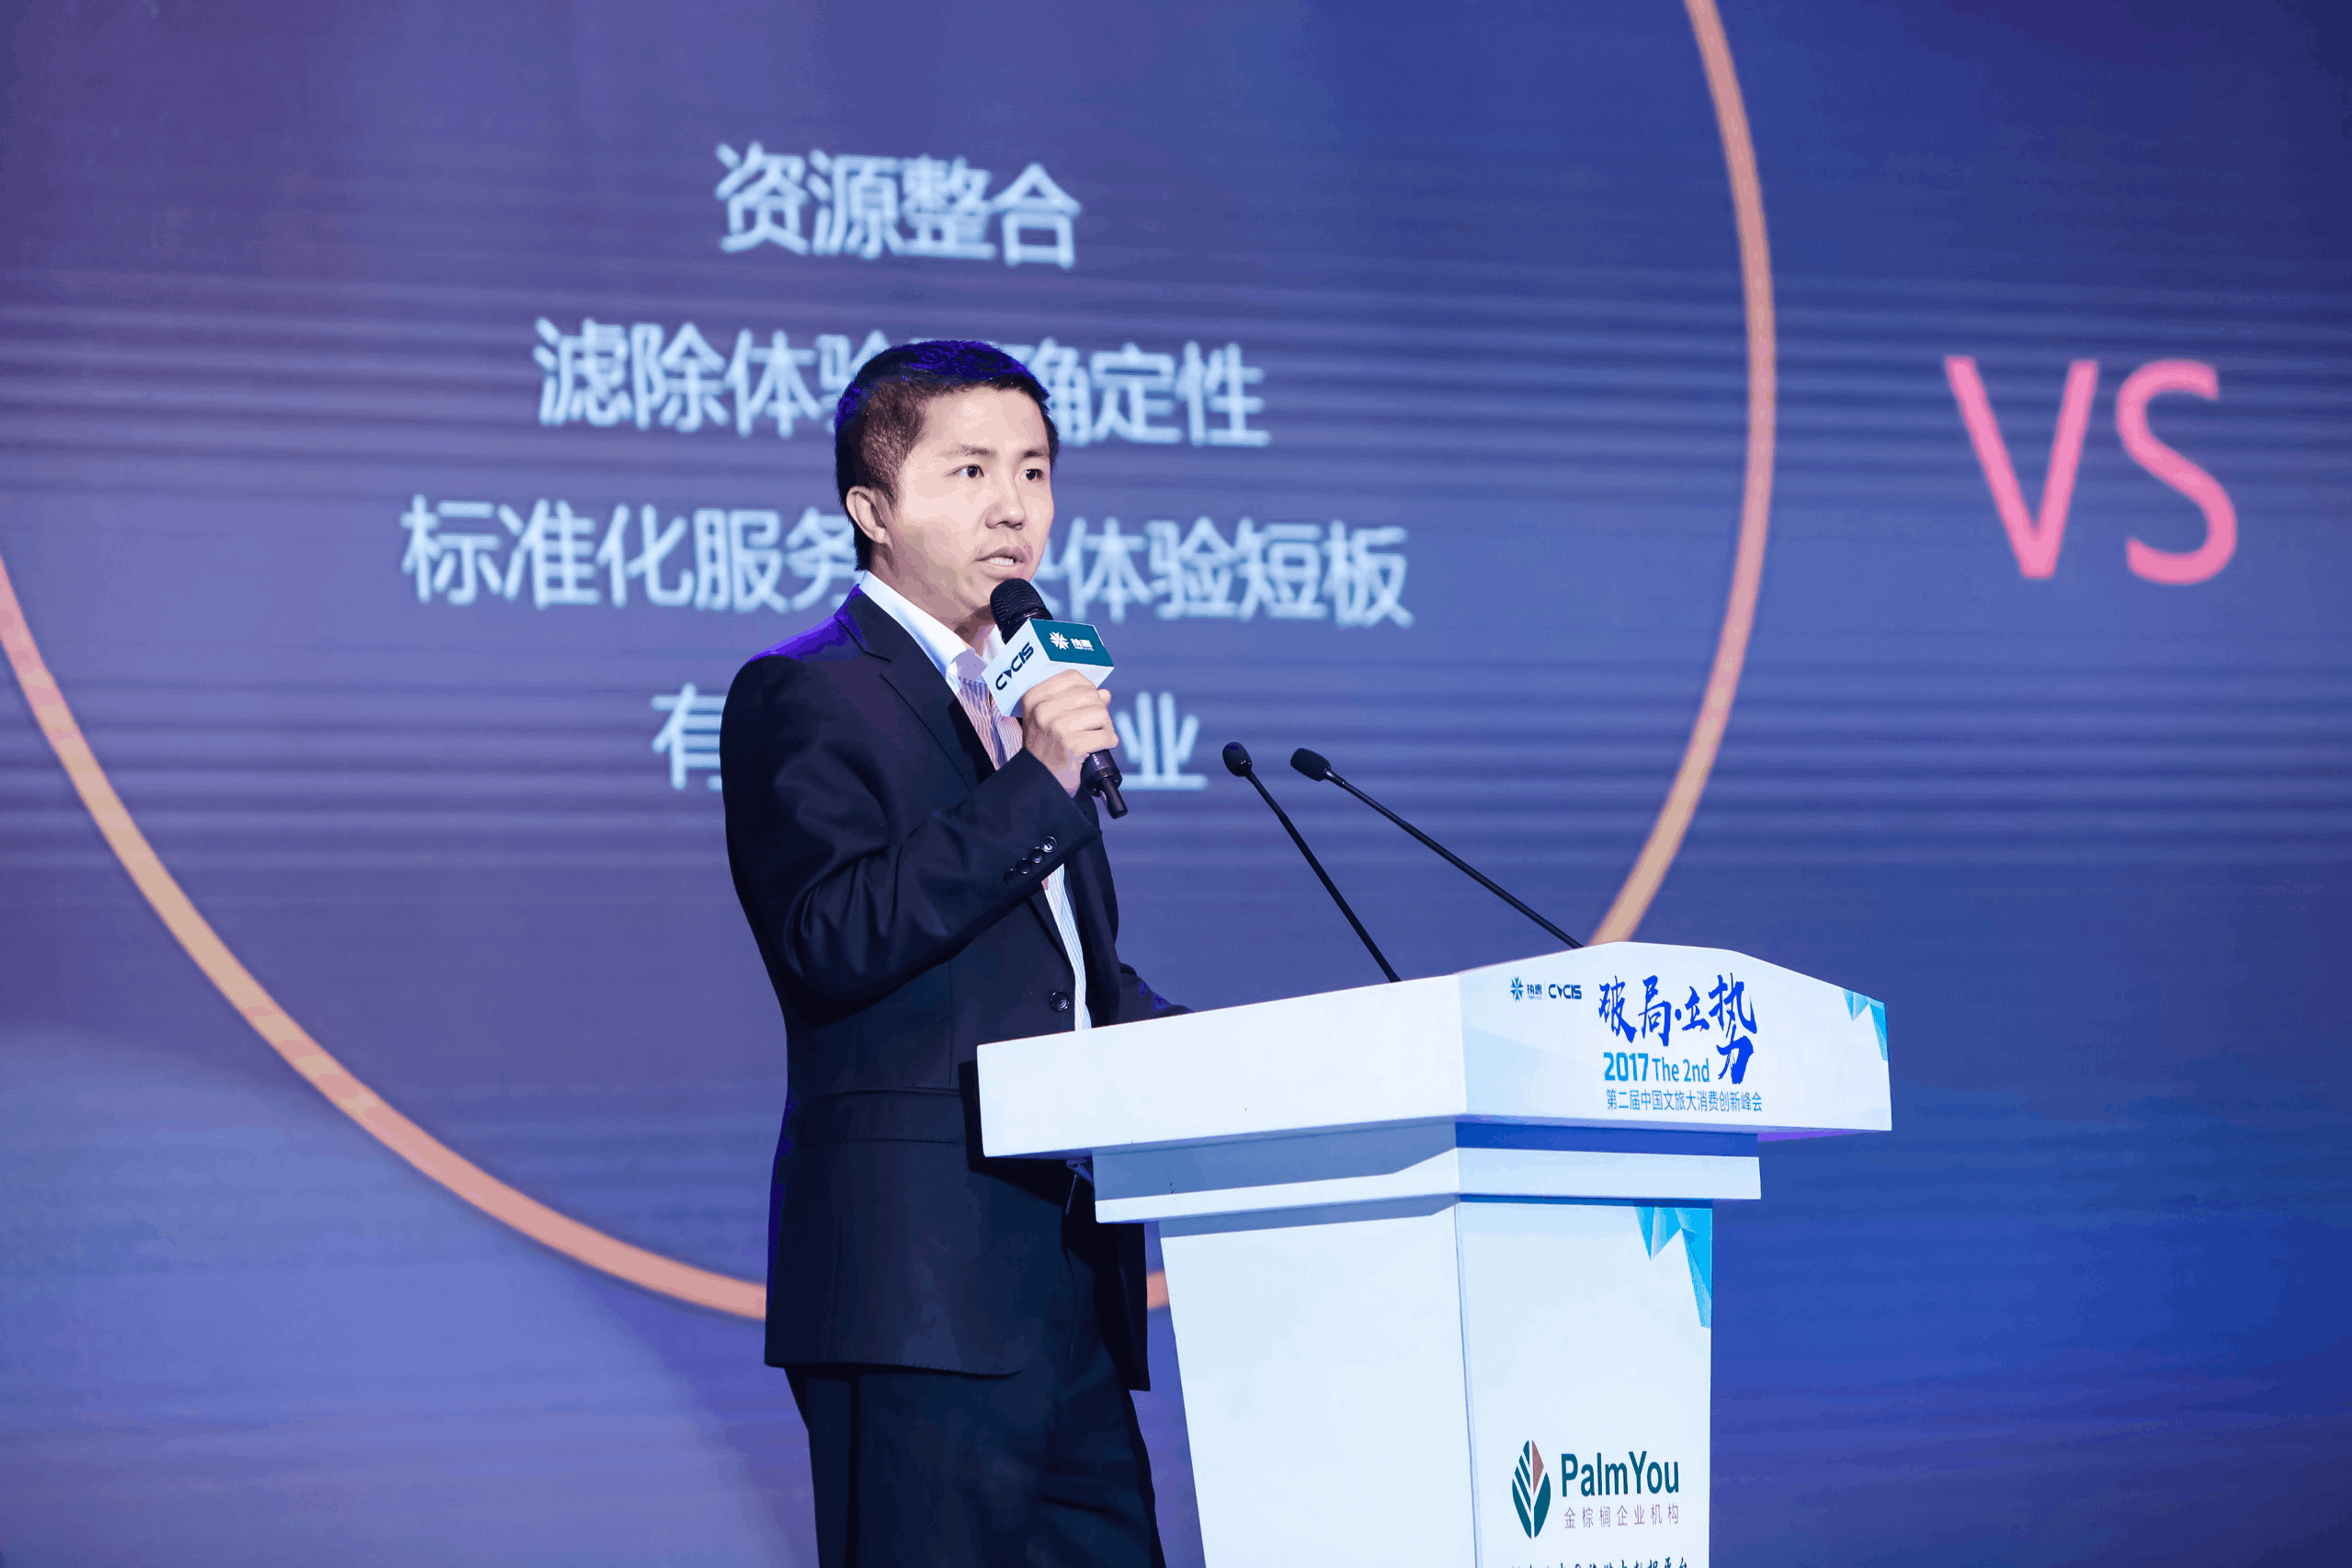 郭骁:找准定位的同时 发现新的机遇